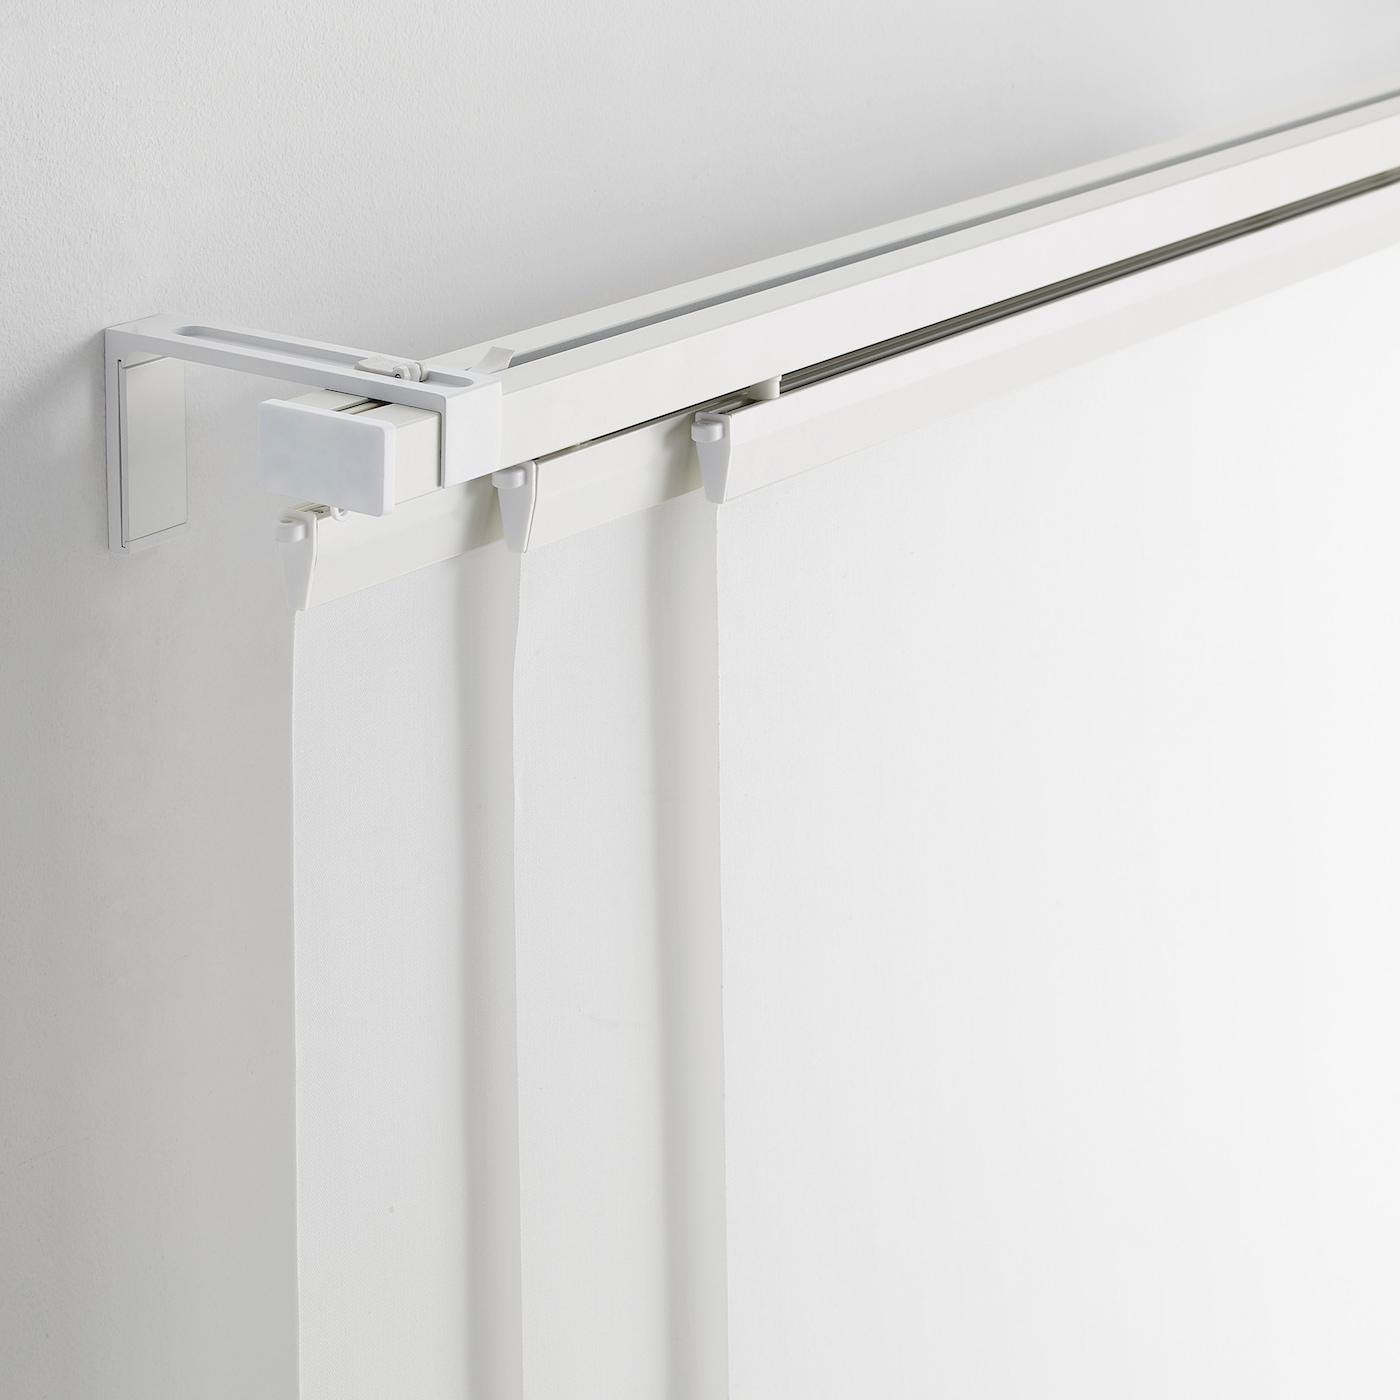 Fixation De Rideau Au Plafond vidga rail pour rideau, triple - blanc 140 cm